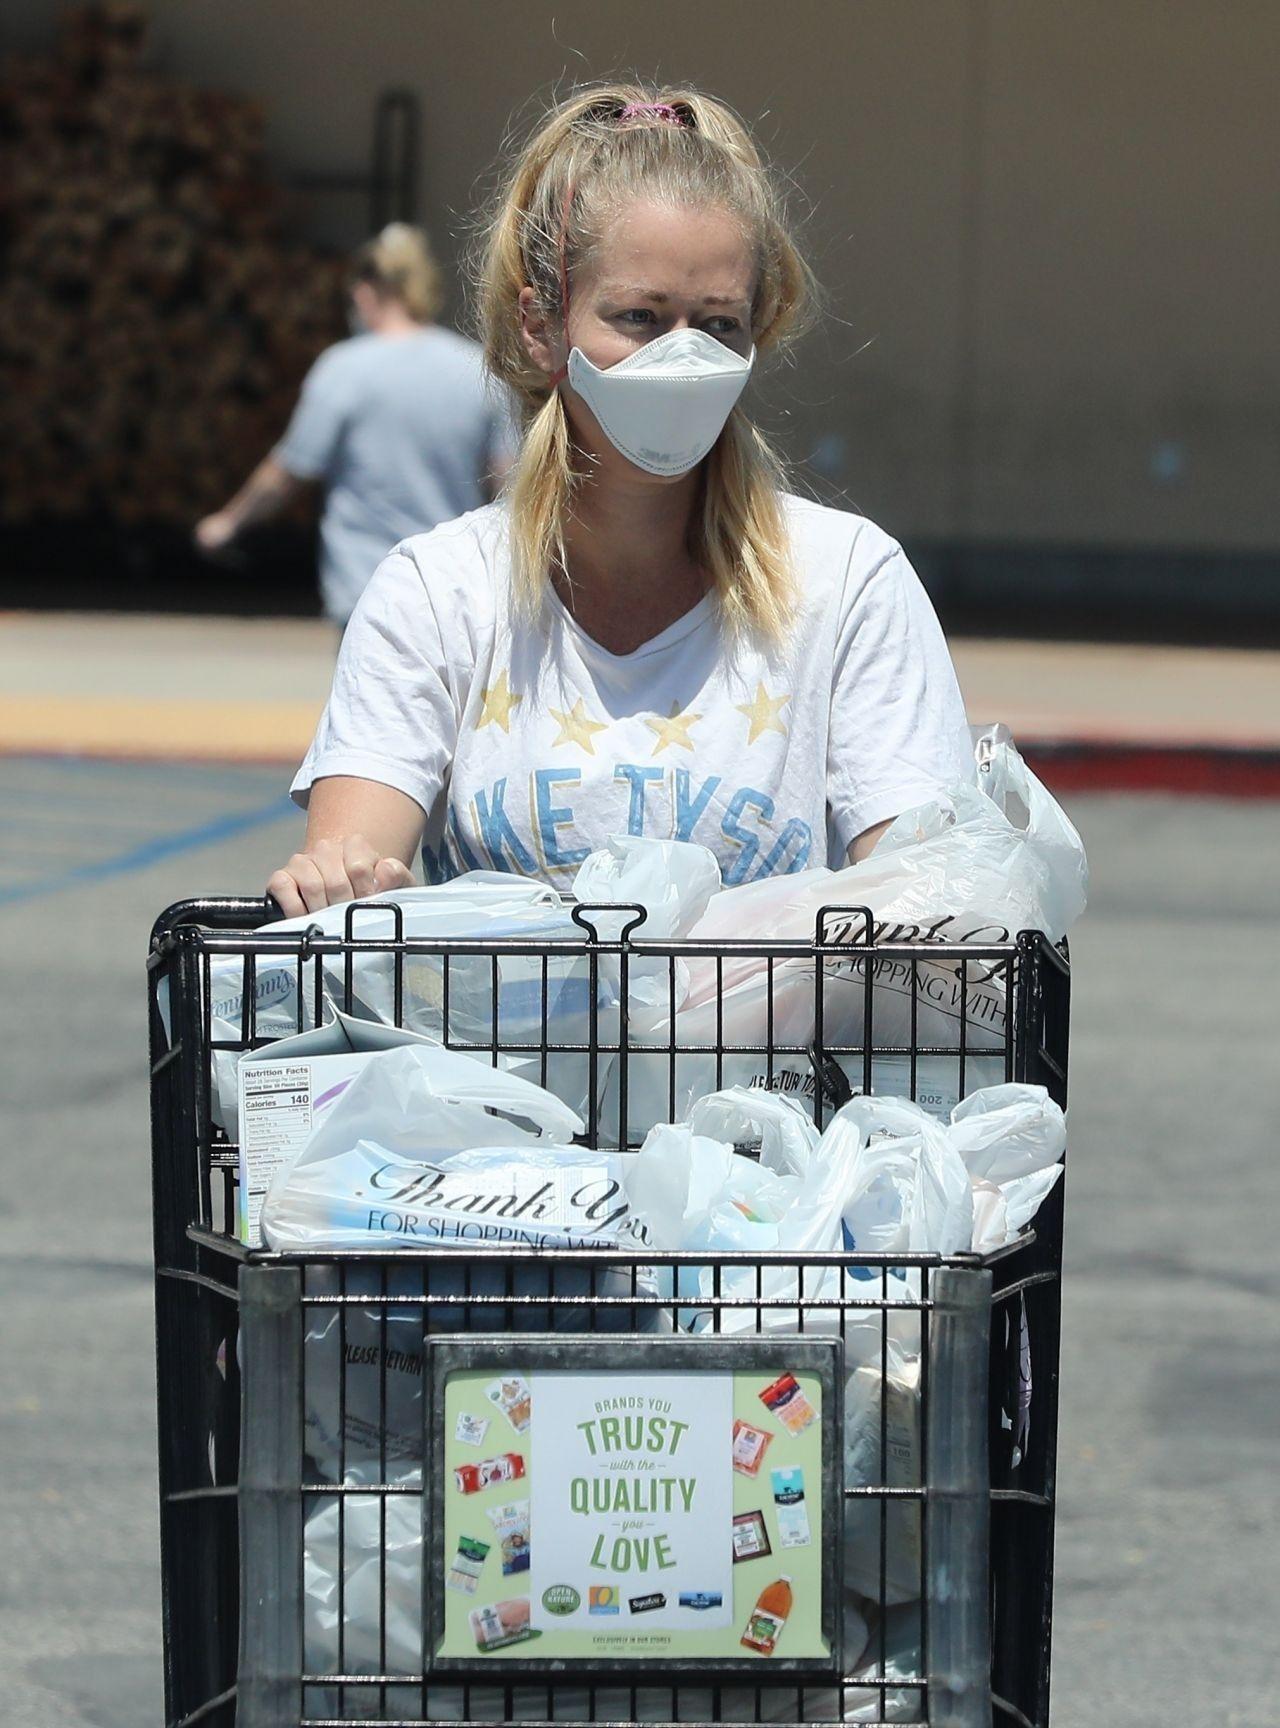 肯德拉·威尔金森(Kendra Wilkinson)现身洛杉矶外出购物